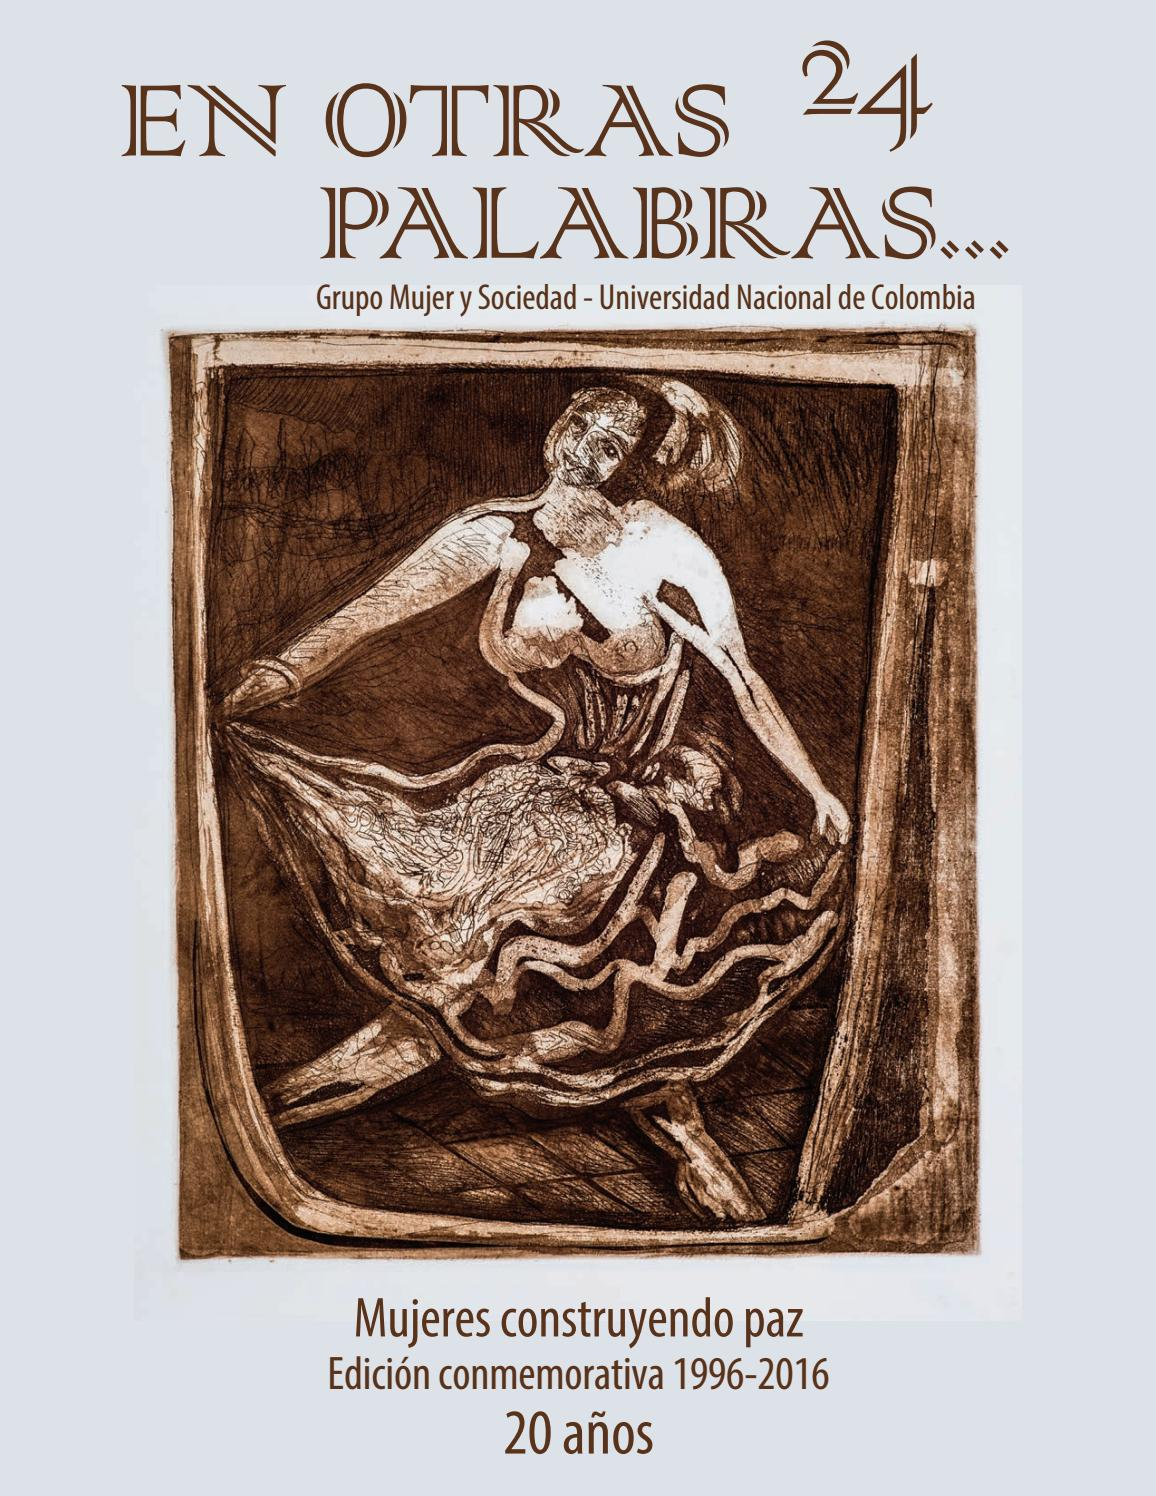 Revista En otras palabras No. 24 Mujeres construyendo paz by Revista en  otras palabras - issuu